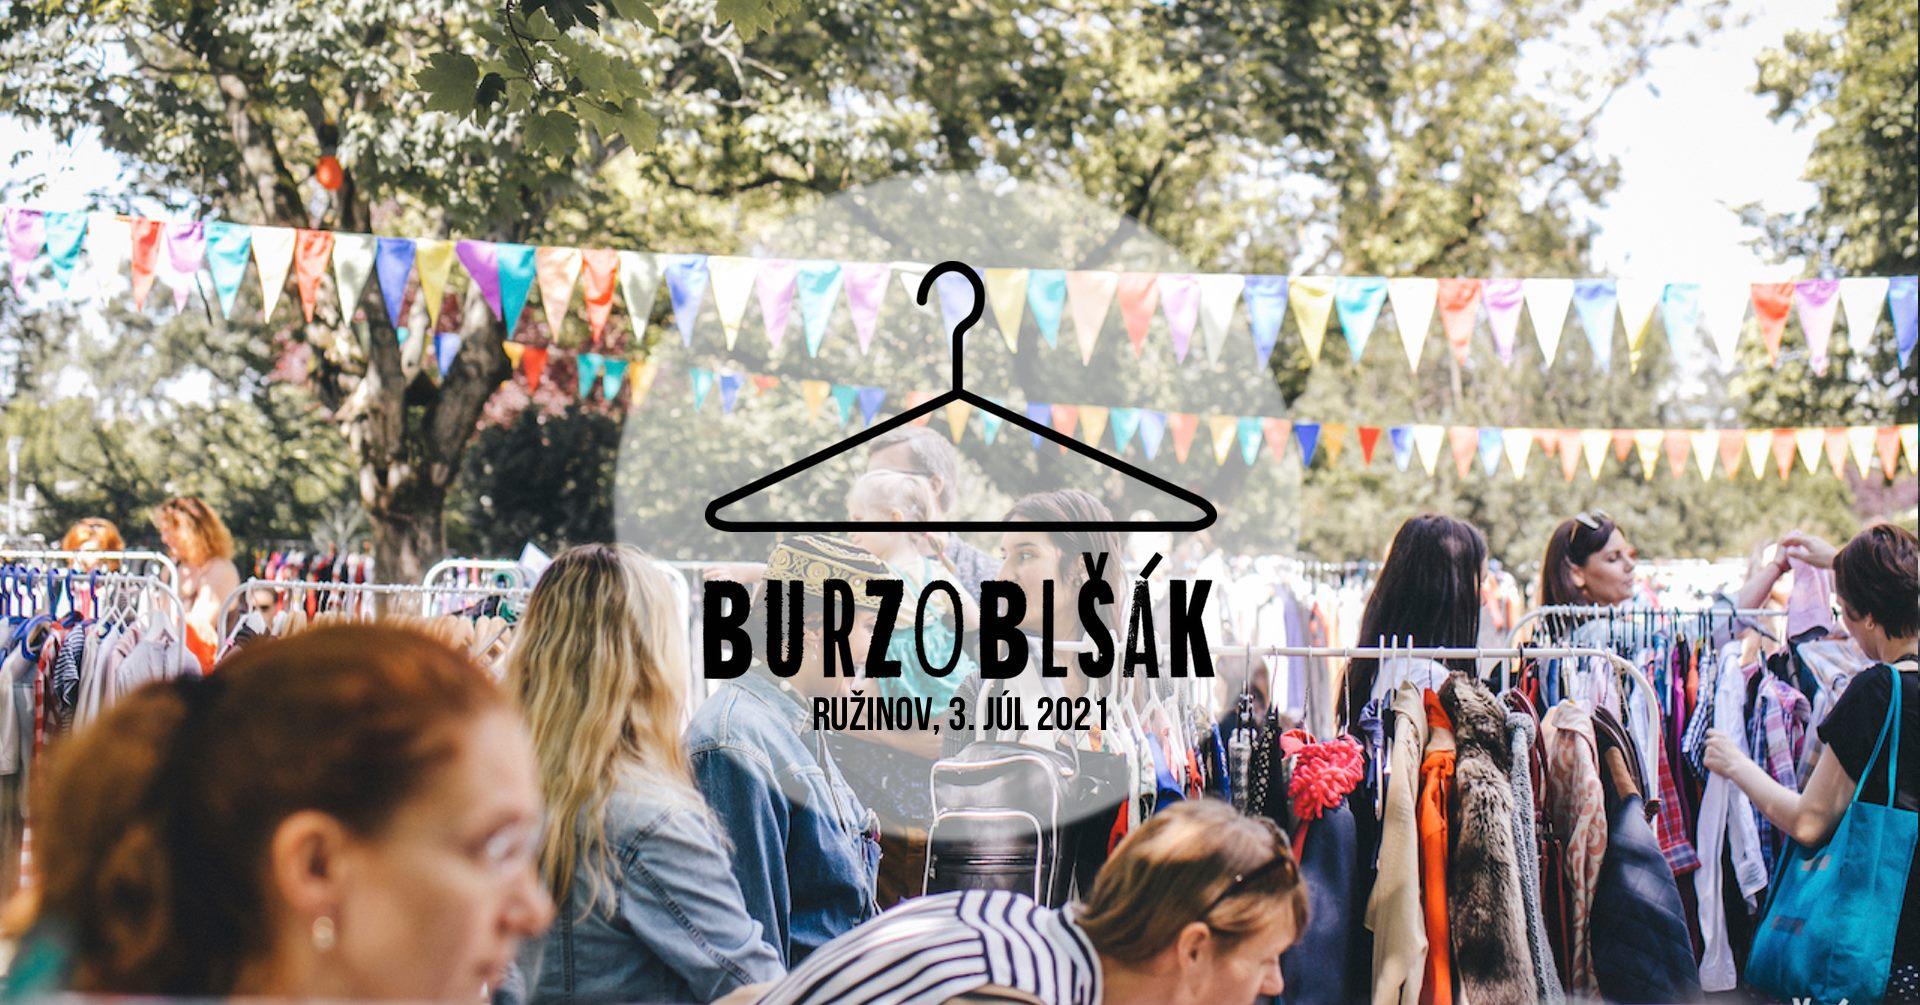 Októbrový Burzoblšák #58 - 2.10.2021 od 8:00 do 14:00, Drieňová 16